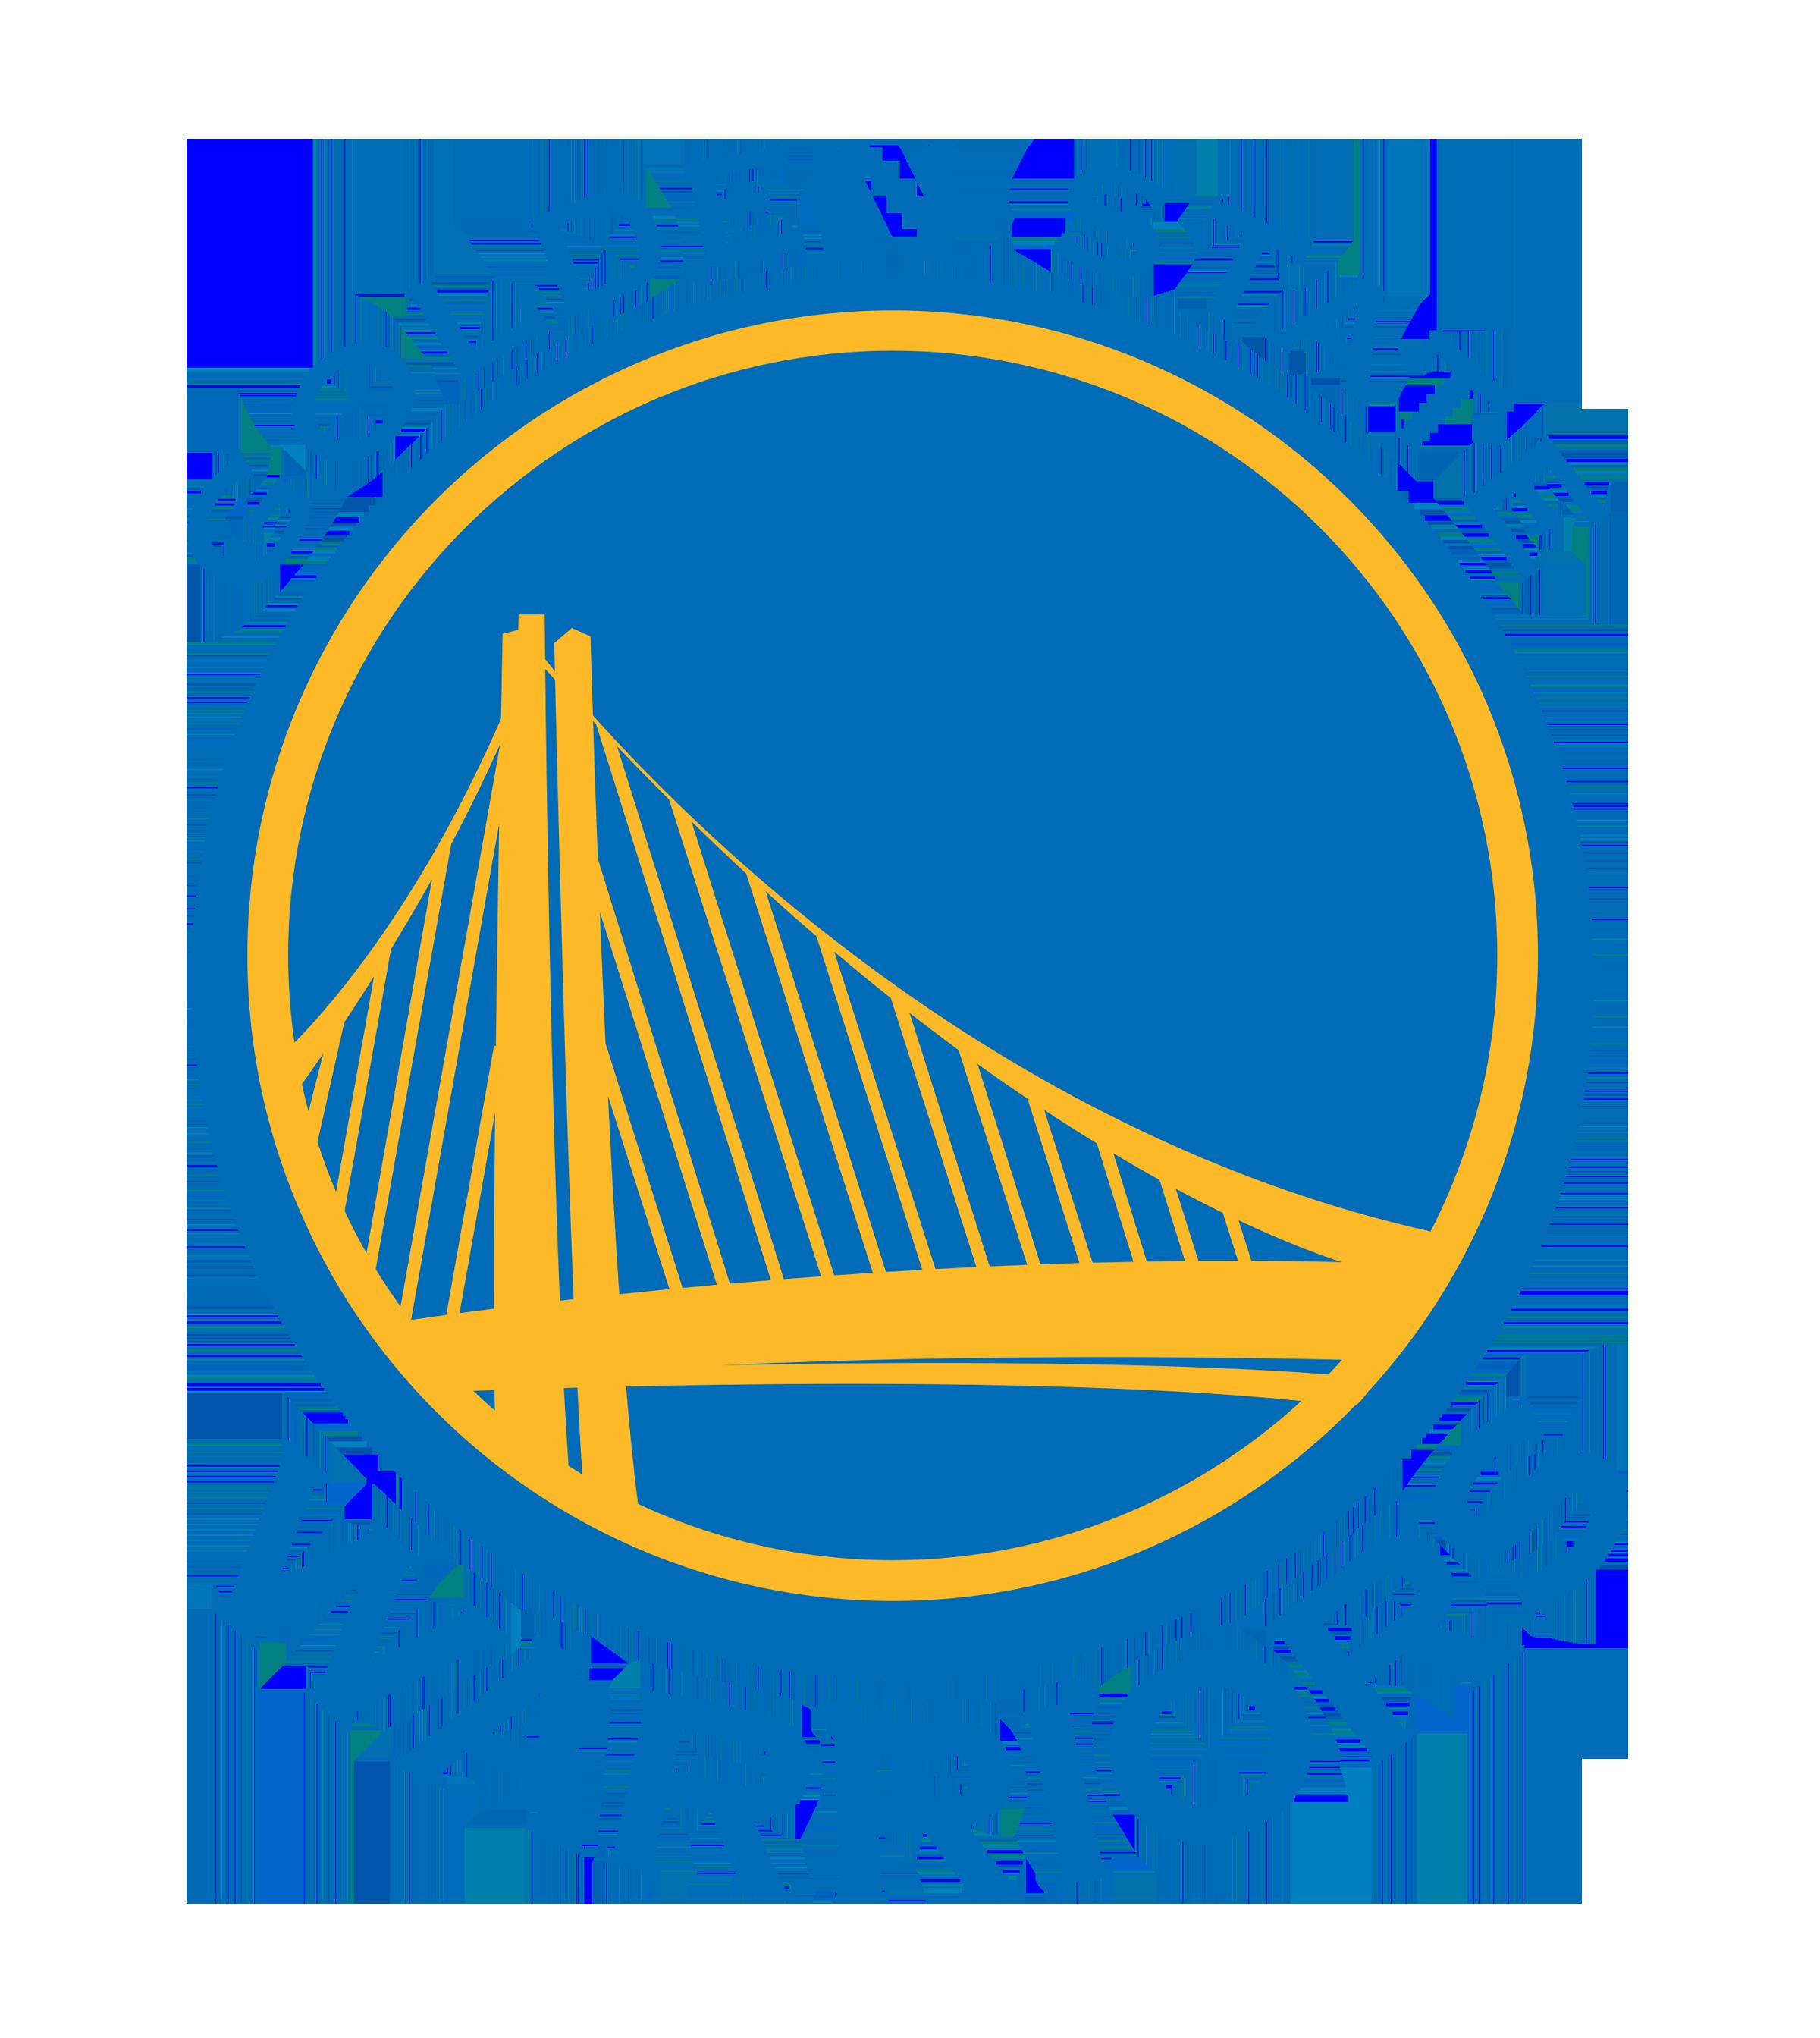 Golden State Warriors Logo Transparent Golden State Warriors Logo Golden State Warriors Wallpaper Nba Golden State Warriors